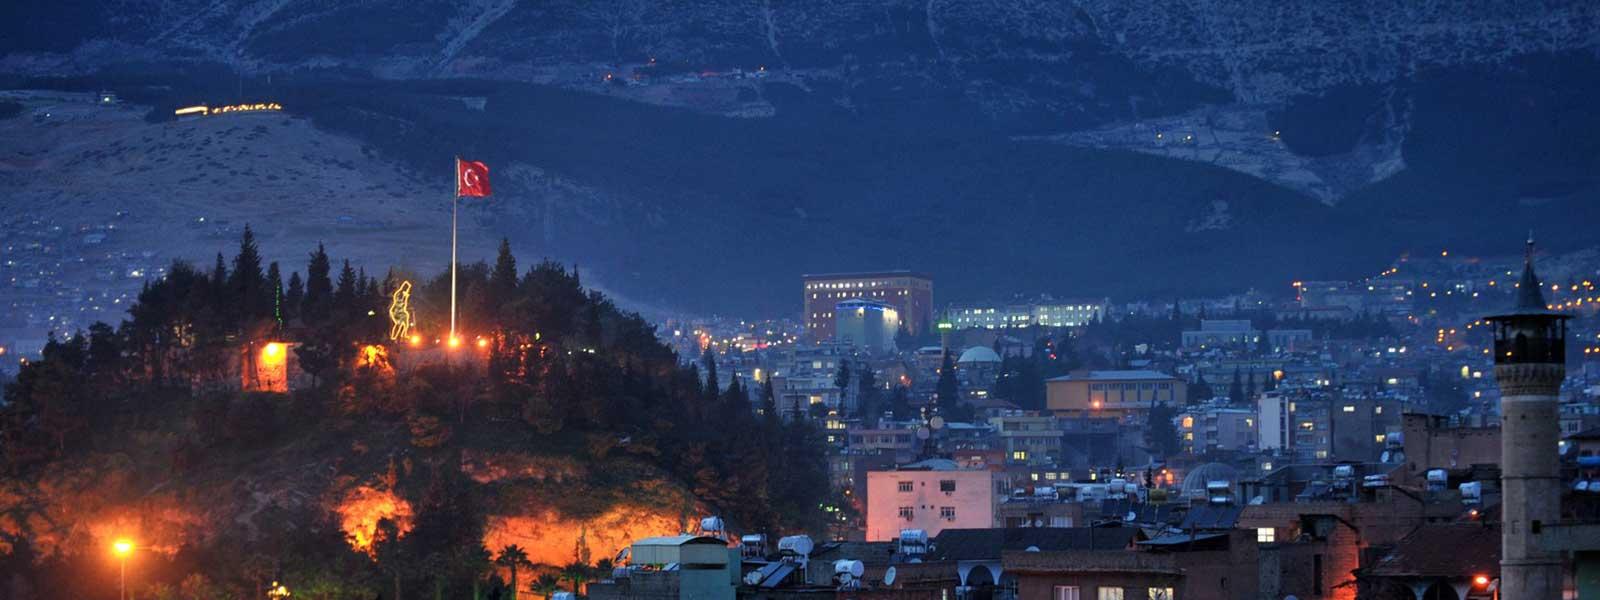 Kahramanmaras Turkey